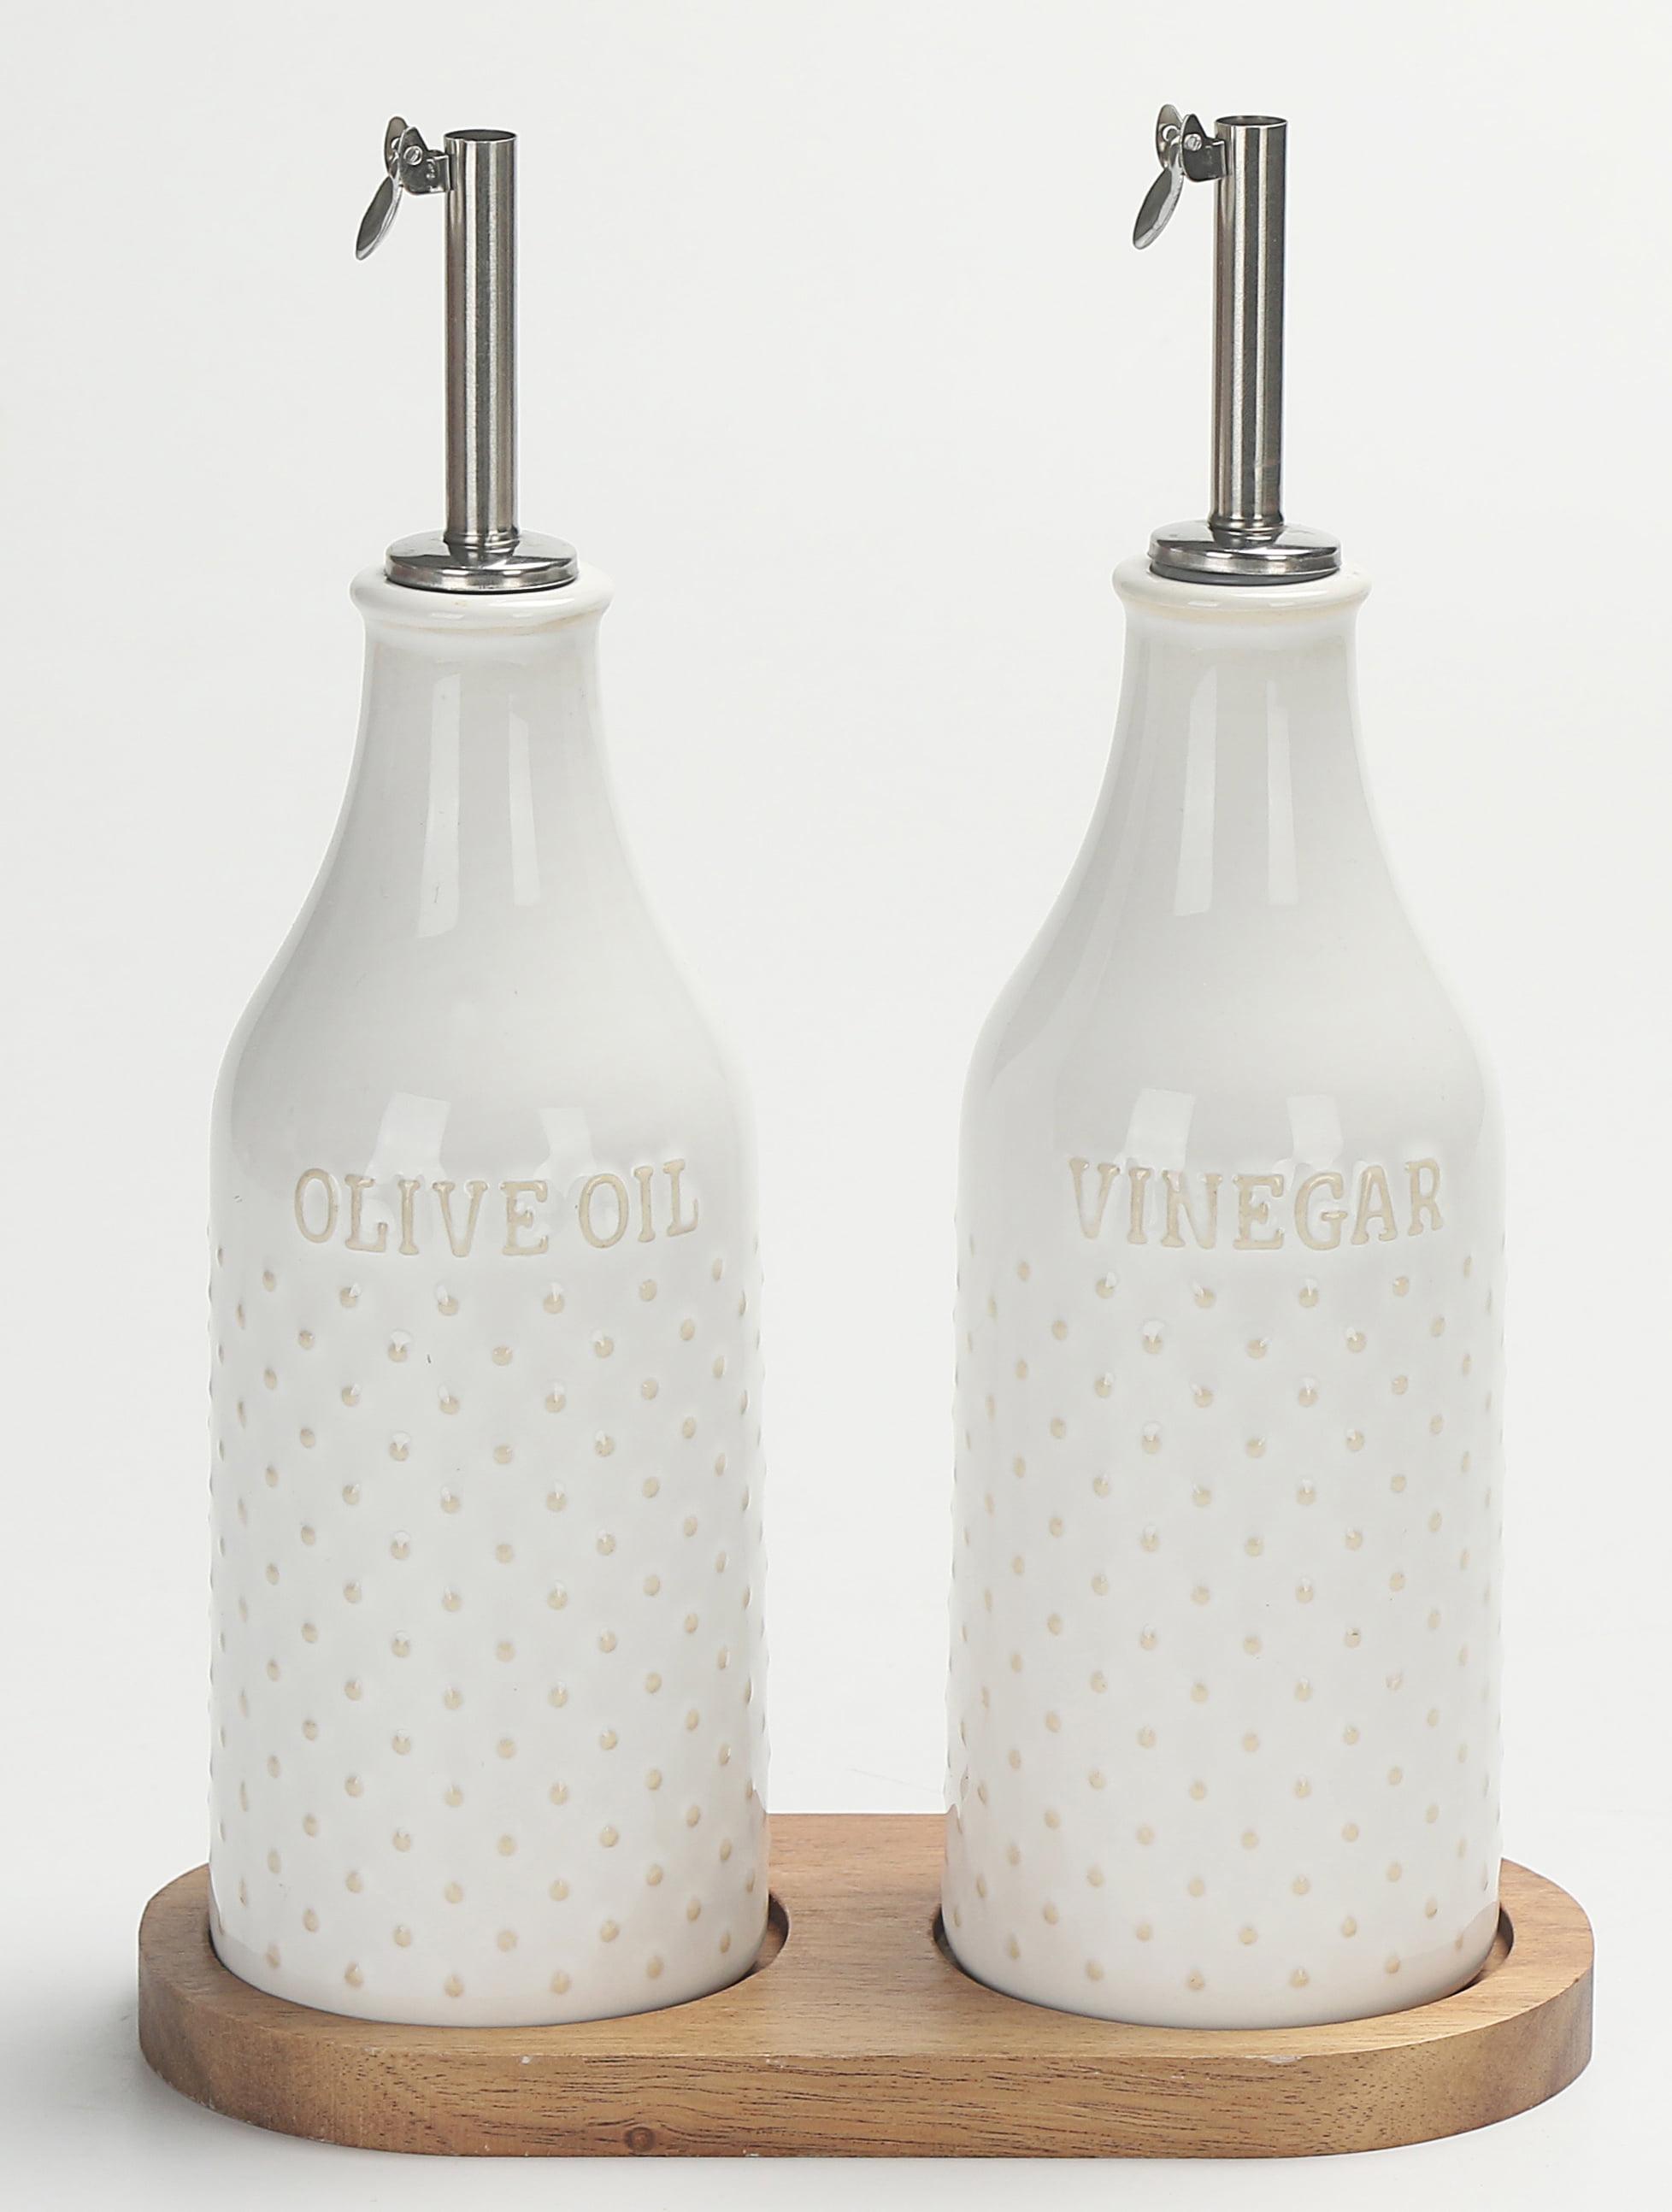 Better Homes & Gardens Ceramic Hobnail Oil & Vinegar Bottle Set